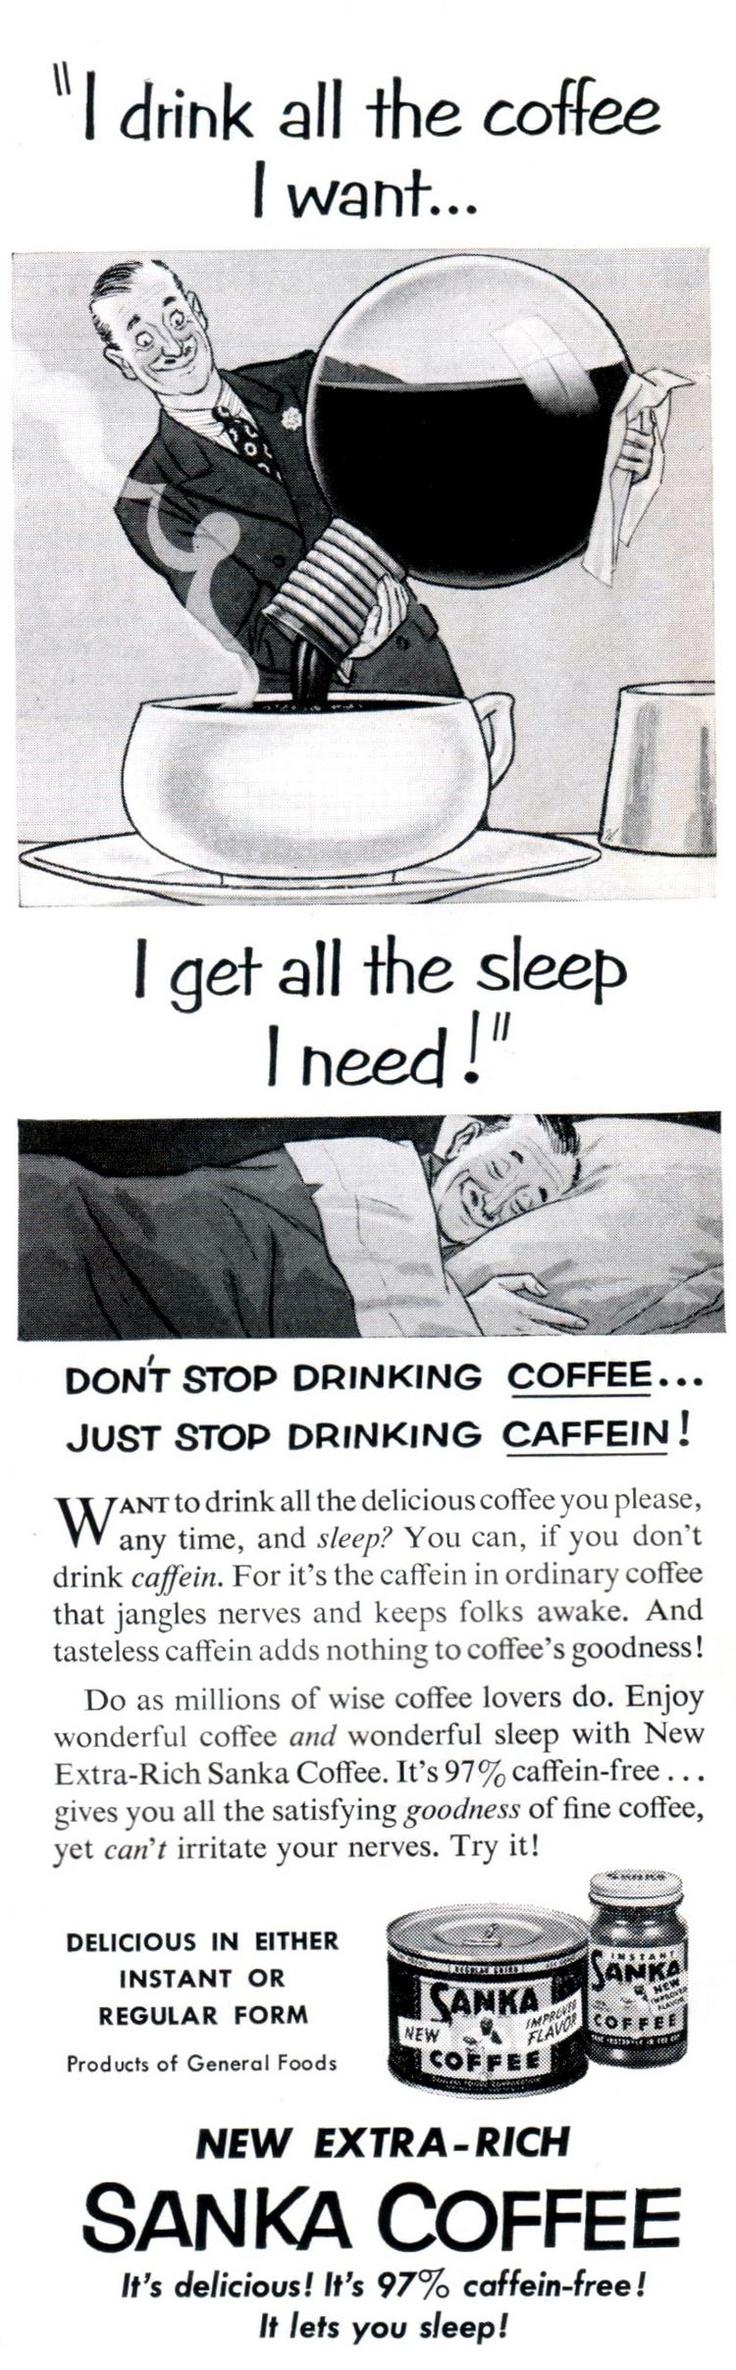 Coffee Advertising - thichcafe.com - Chia sẻ quảng cáo cà phê hay